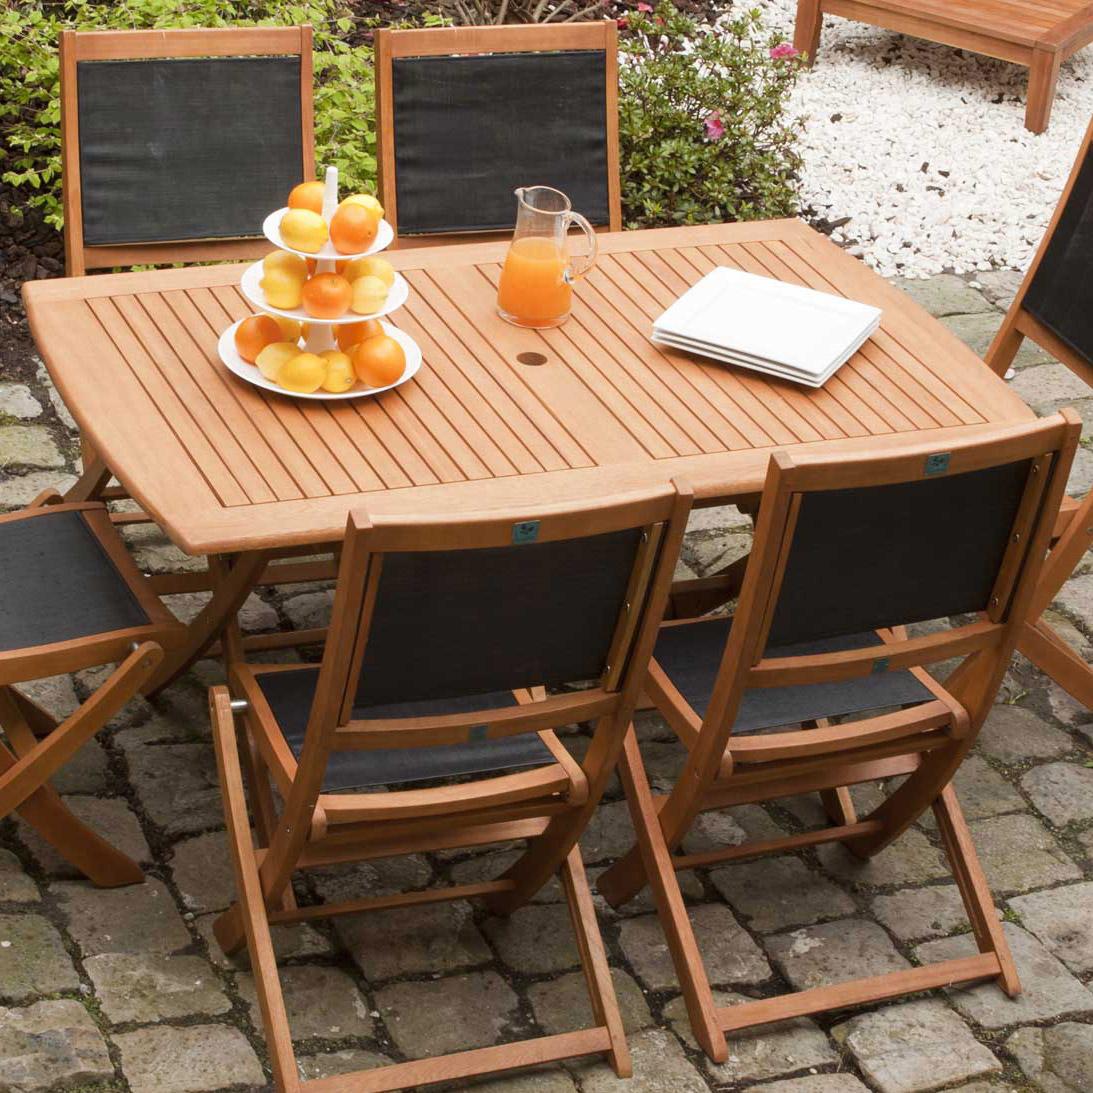 Salon de jardin bois table pliante - Jardin piscine et Cabane